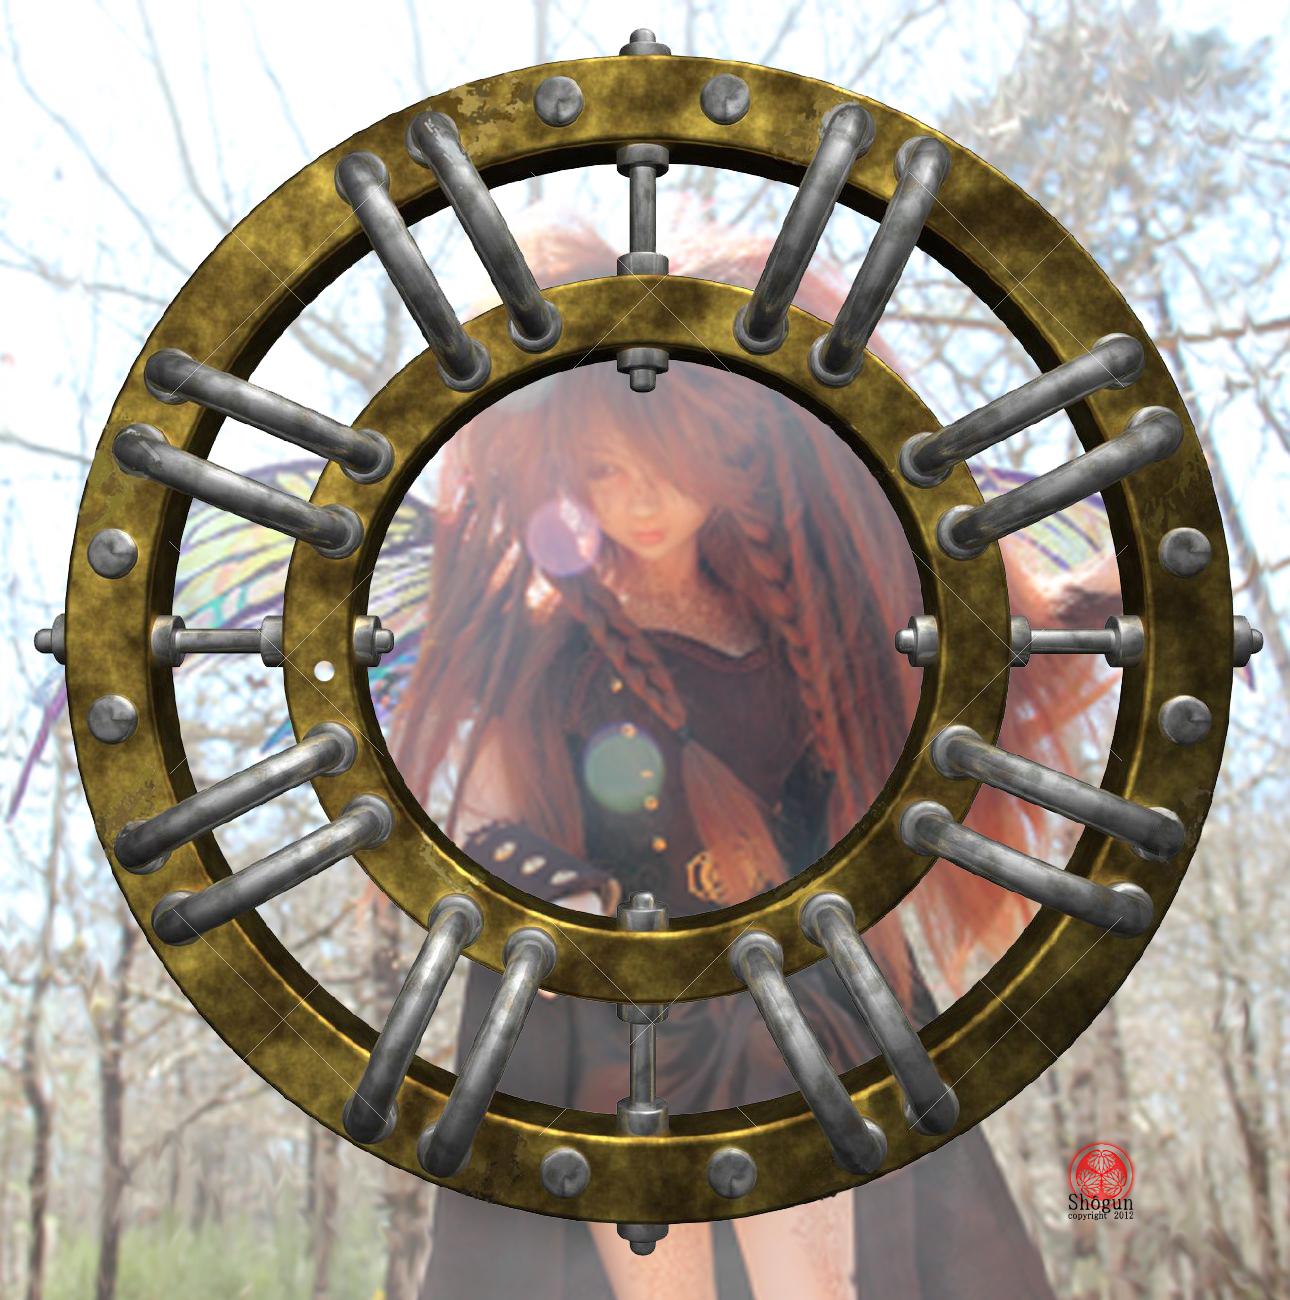 Alice et le miroir for Balthus alice dans le miroir